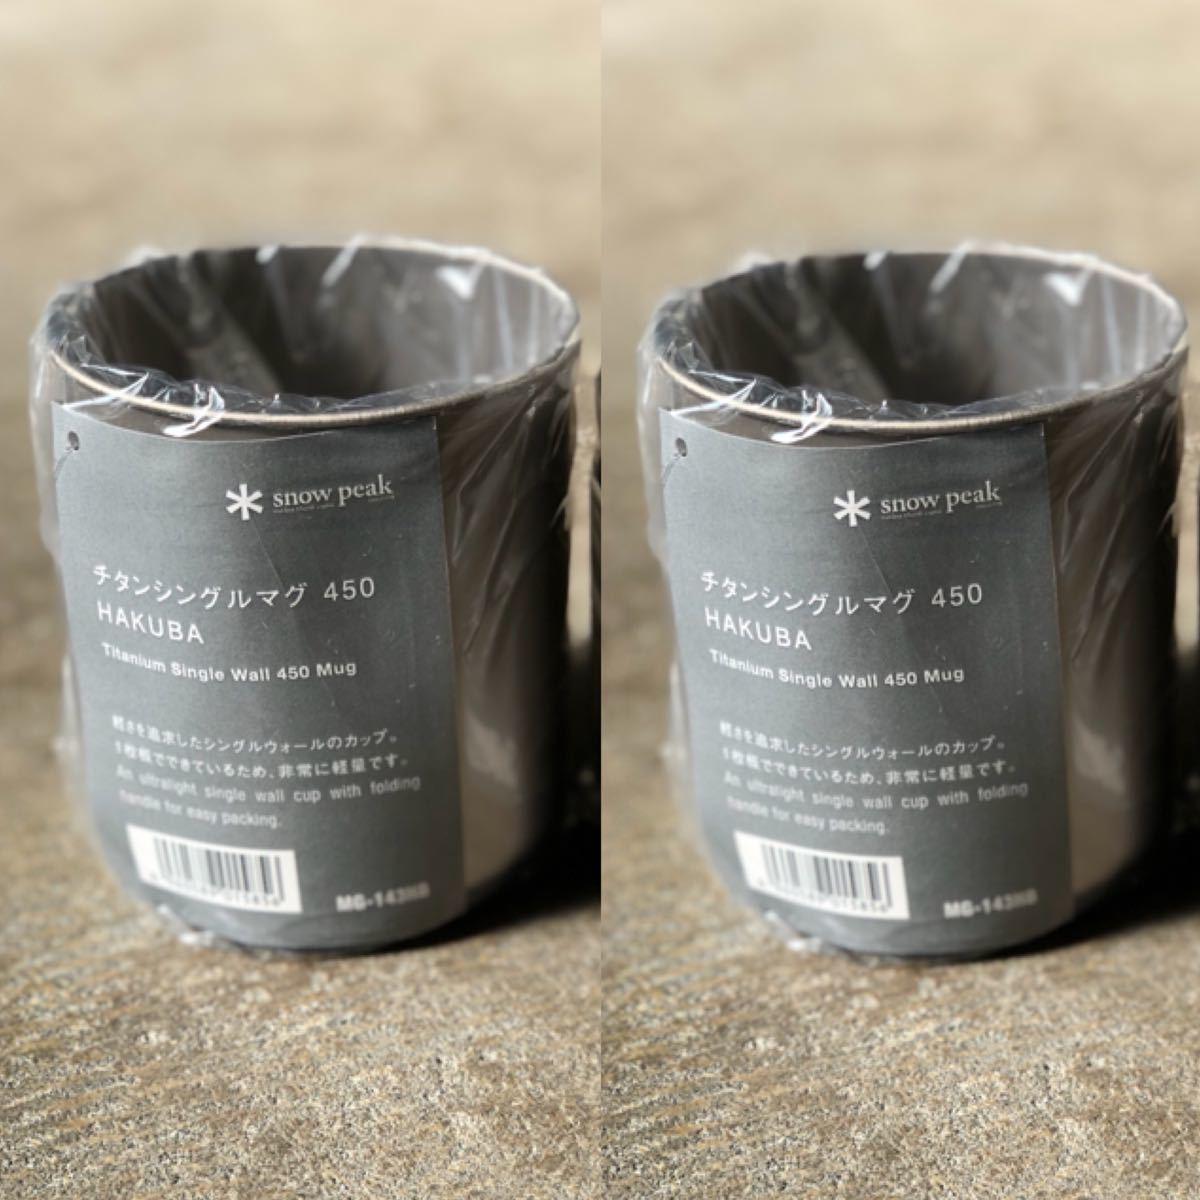 【新品】白馬限定!スノーピーク チタンシングルマグ450×2点セット snow peak マグカップ